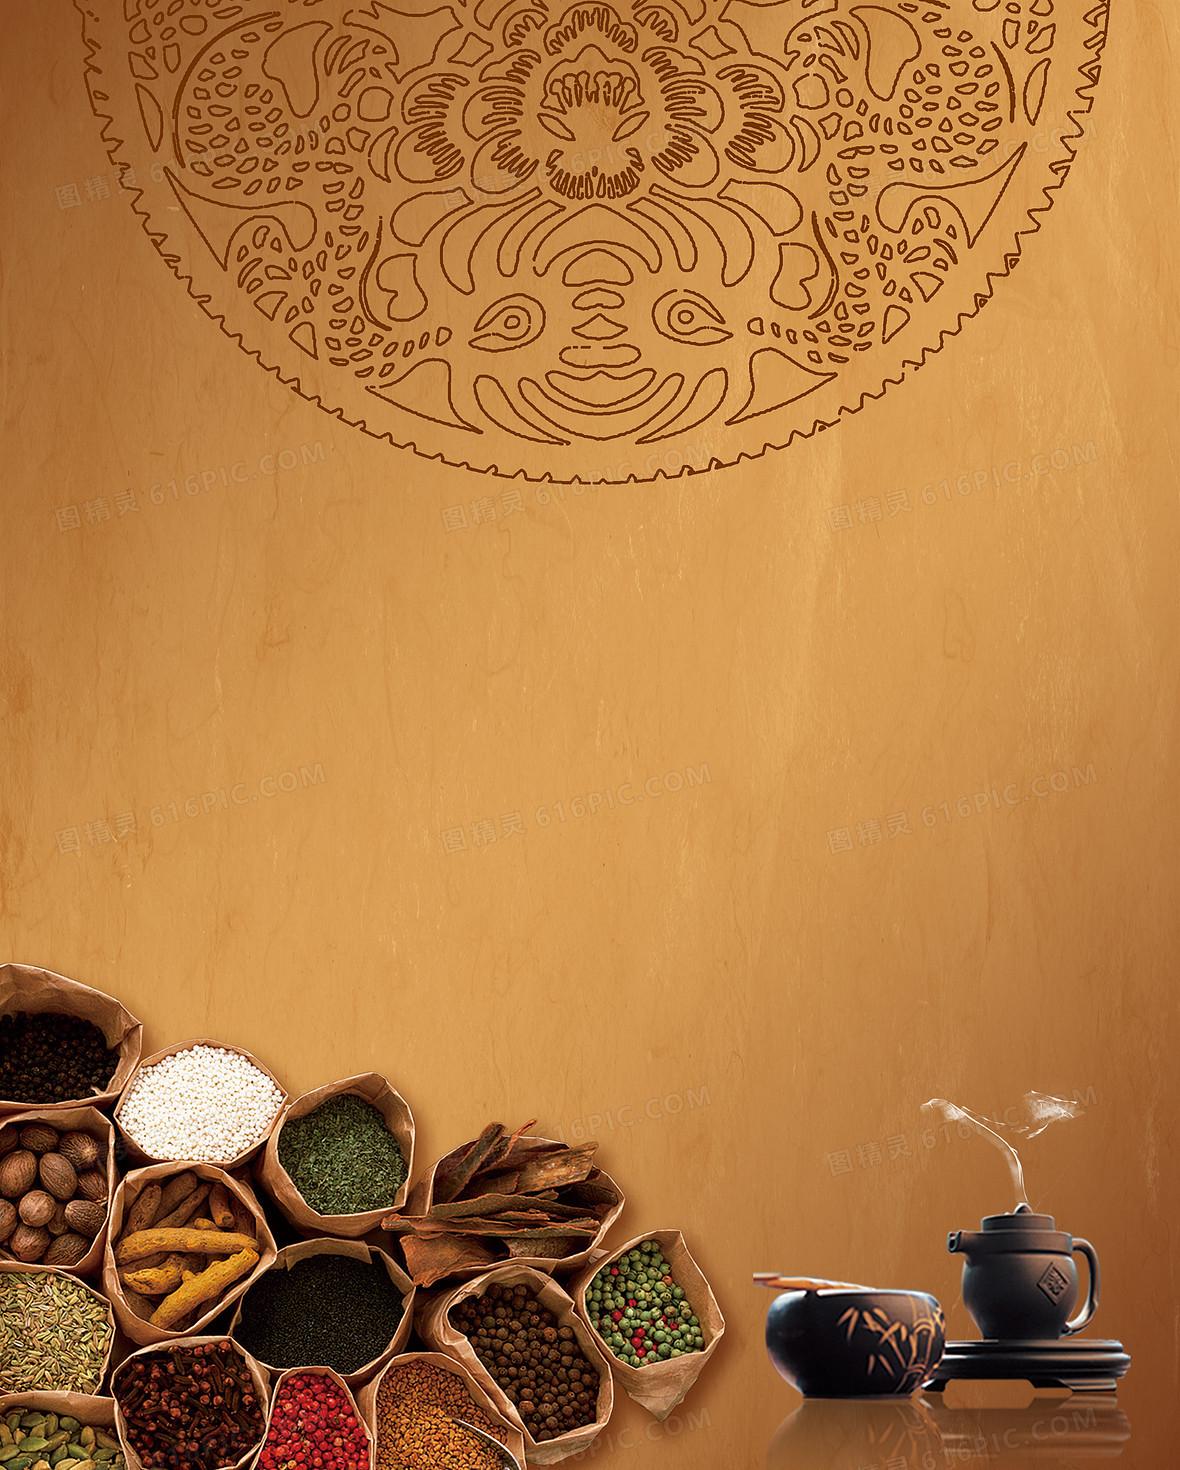 暗花底纹古典元素食疗养生背景素材